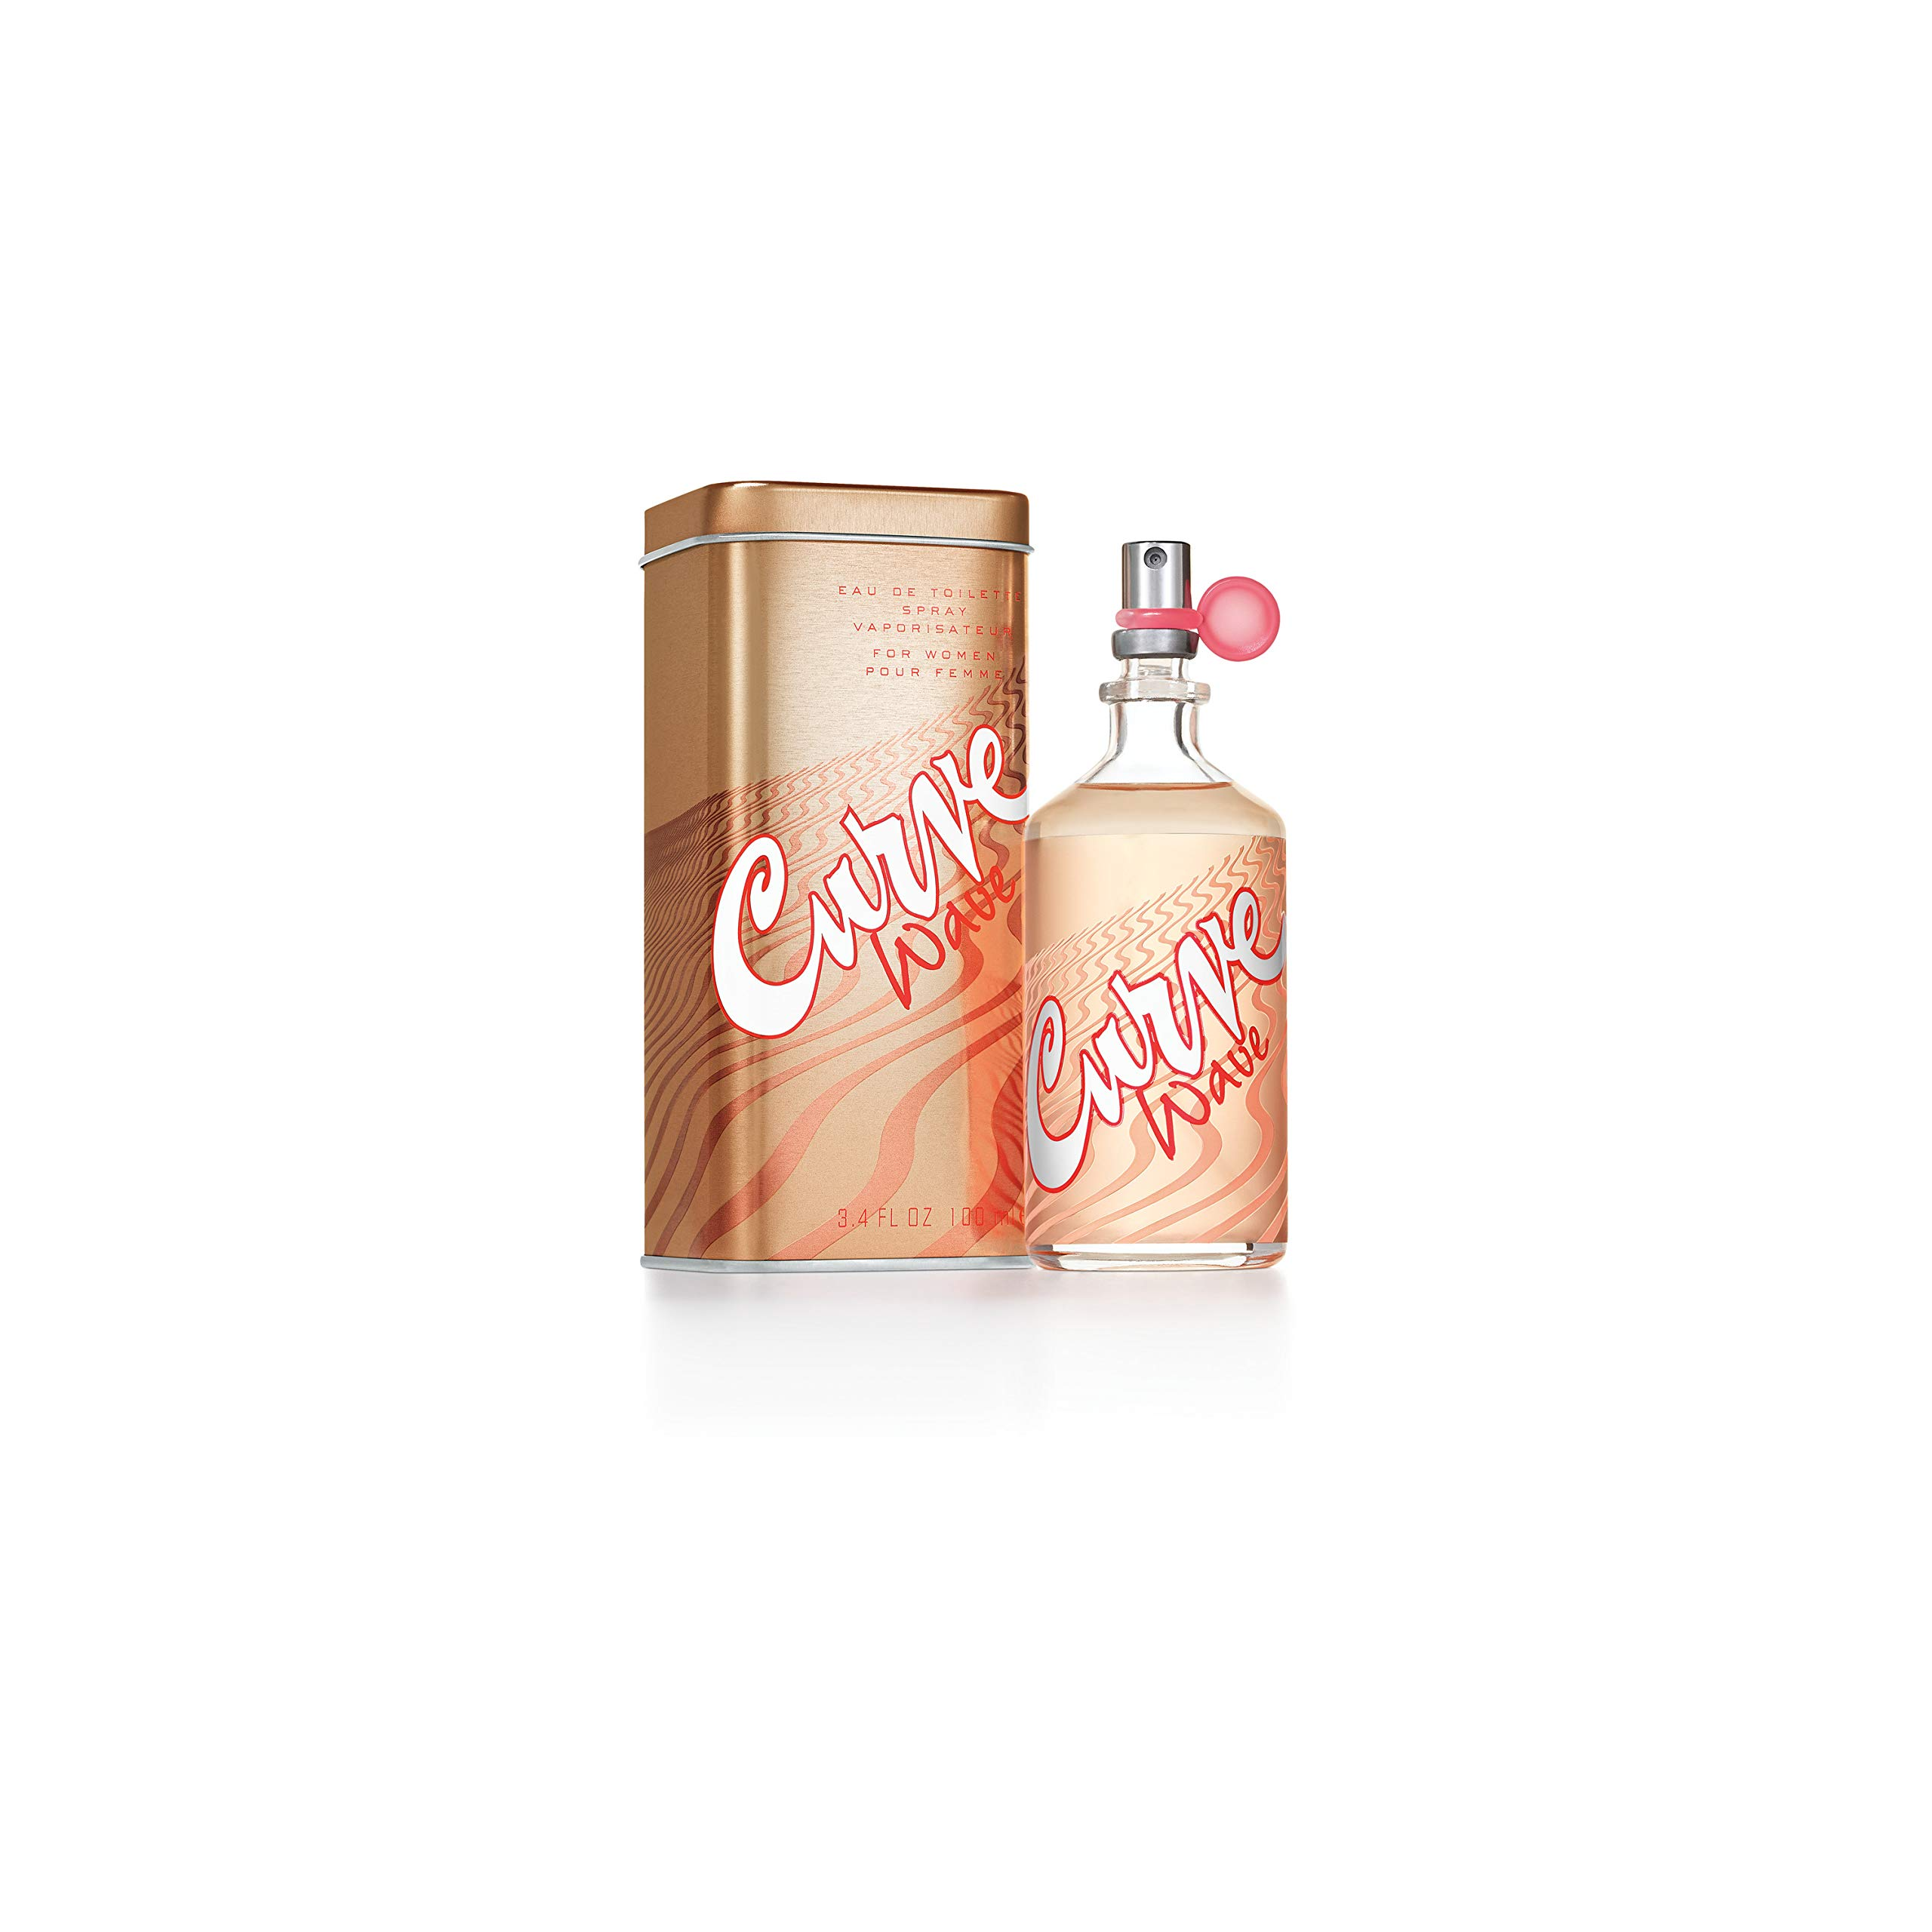 Curve Wave for Women Eau De Toilette Spray, 3.4 Fl. Oz. by Curve